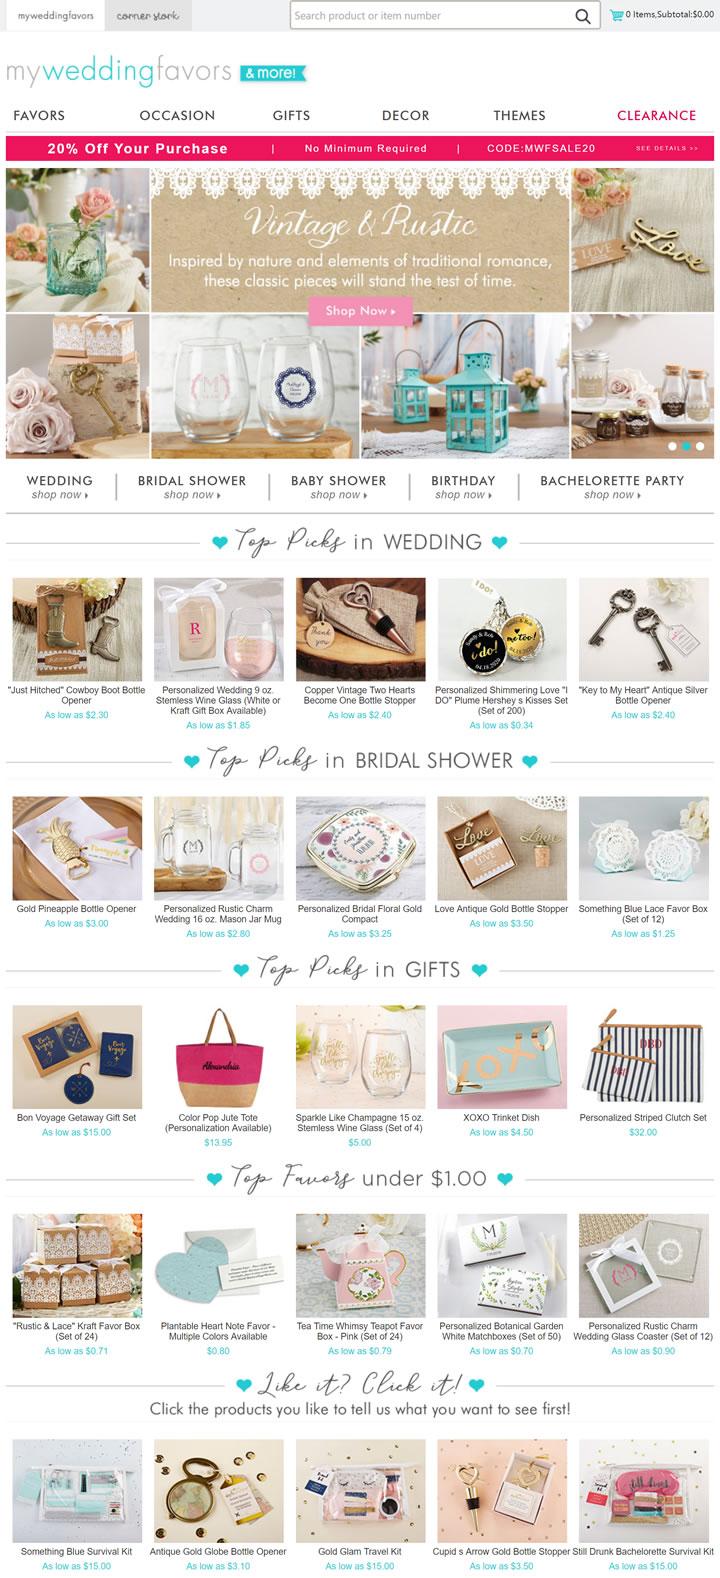 美国婚礼礼品网站:MyWeddingFavors